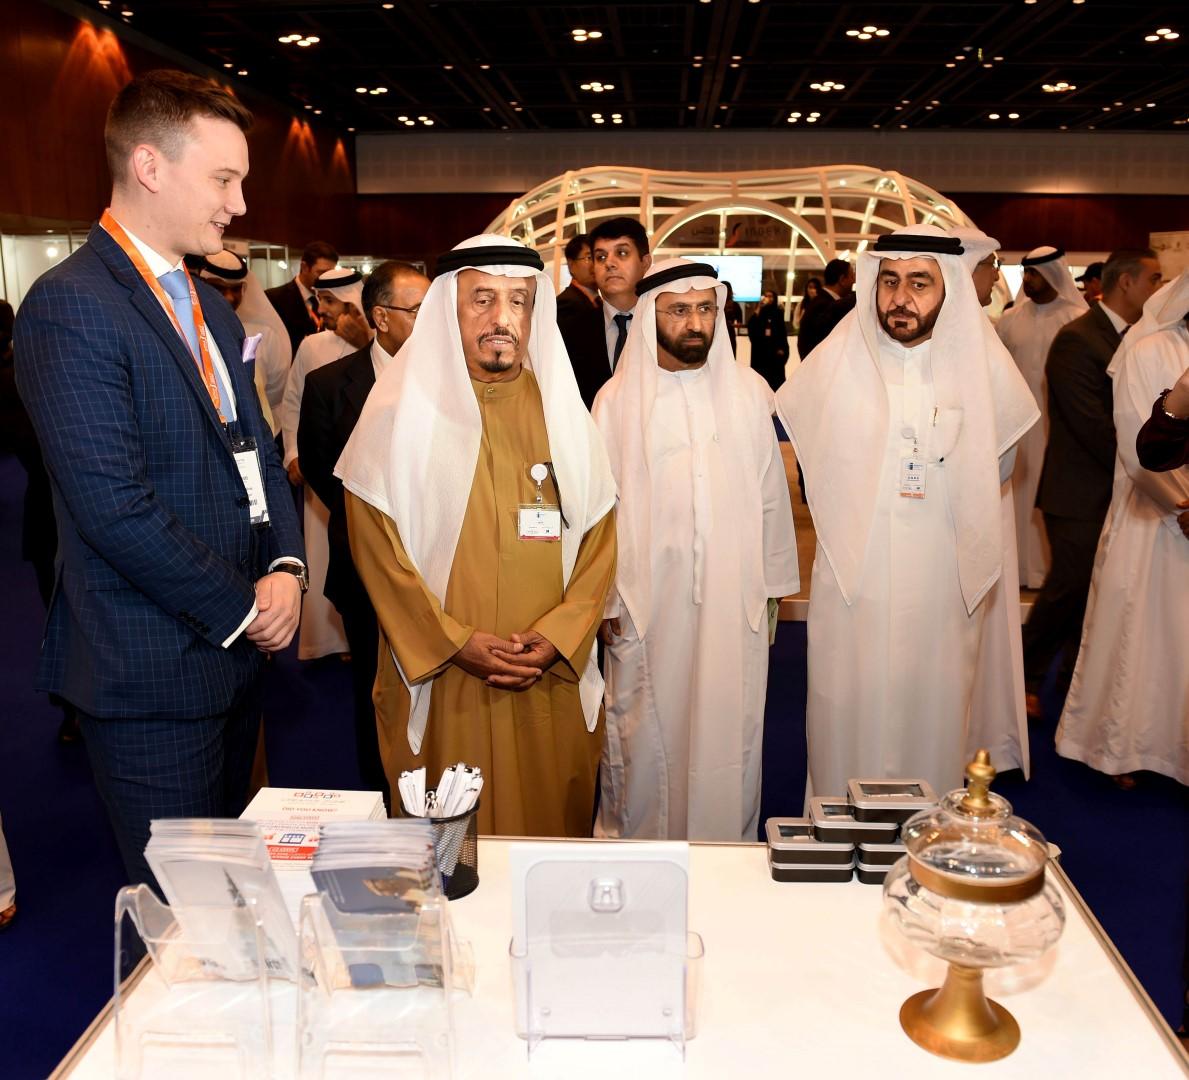 """افتتاح فعاليات اليوم الأول من """" مؤتمر ومعرض ابداعات عربية 11 """" 1"""